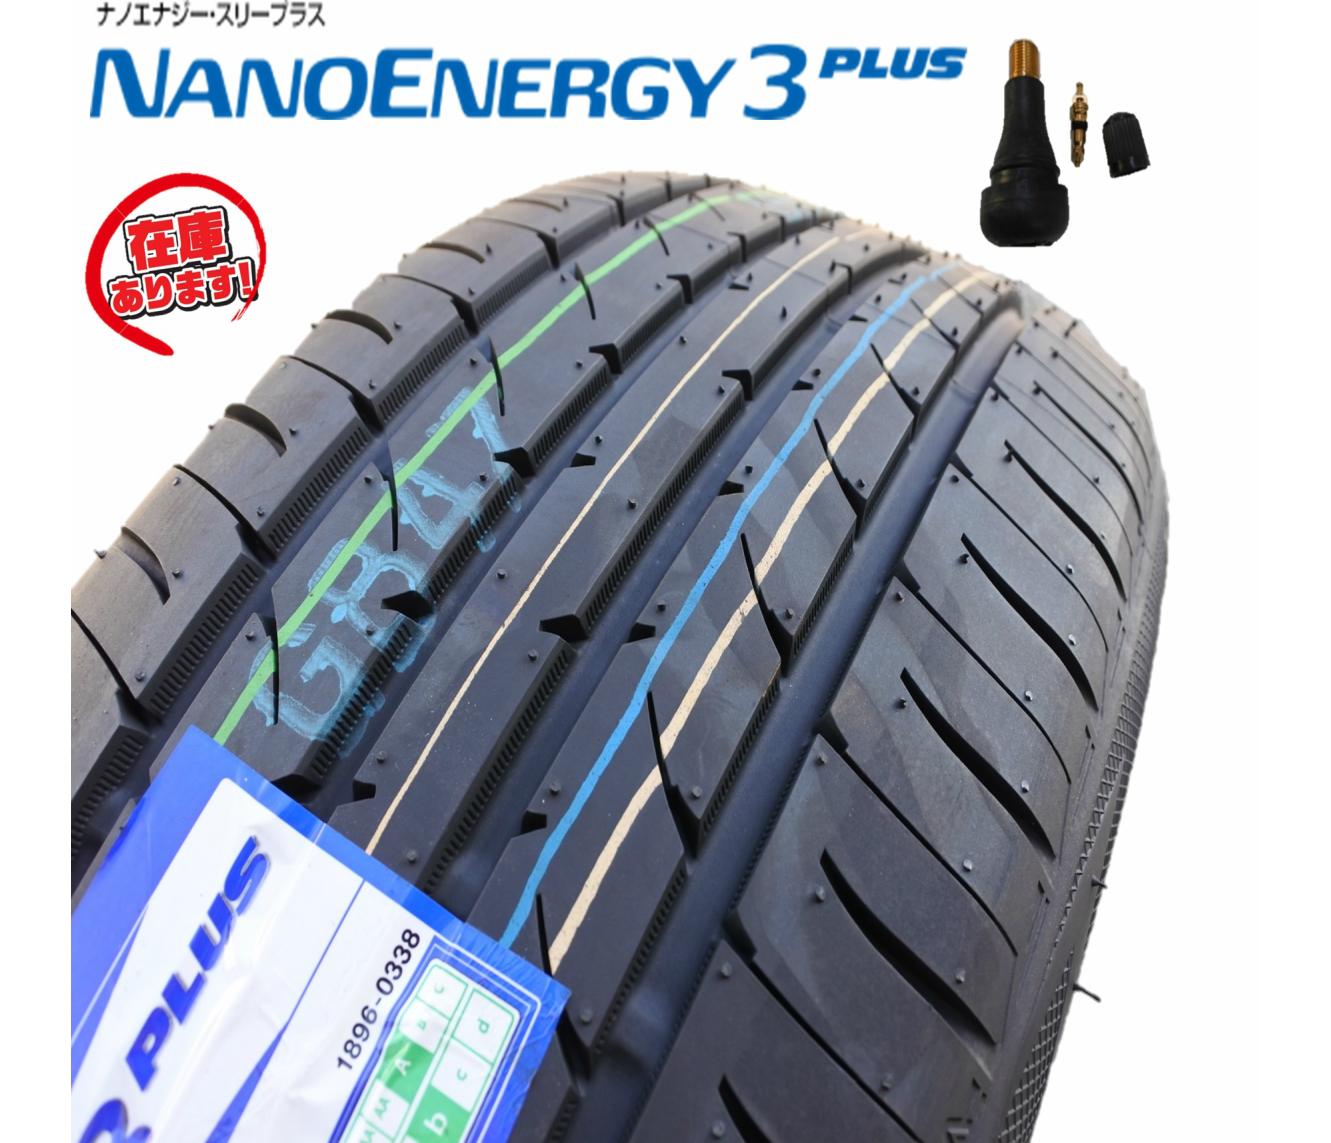 ☆送料無料☆ゴムバルブ付属 トーヨー (TOYO) NANOENERGY3 Plus (ナノエナジー3 Plus) 235/40R18 91W 低燃費タイヤグレード「A-b」サマータイヤ1本